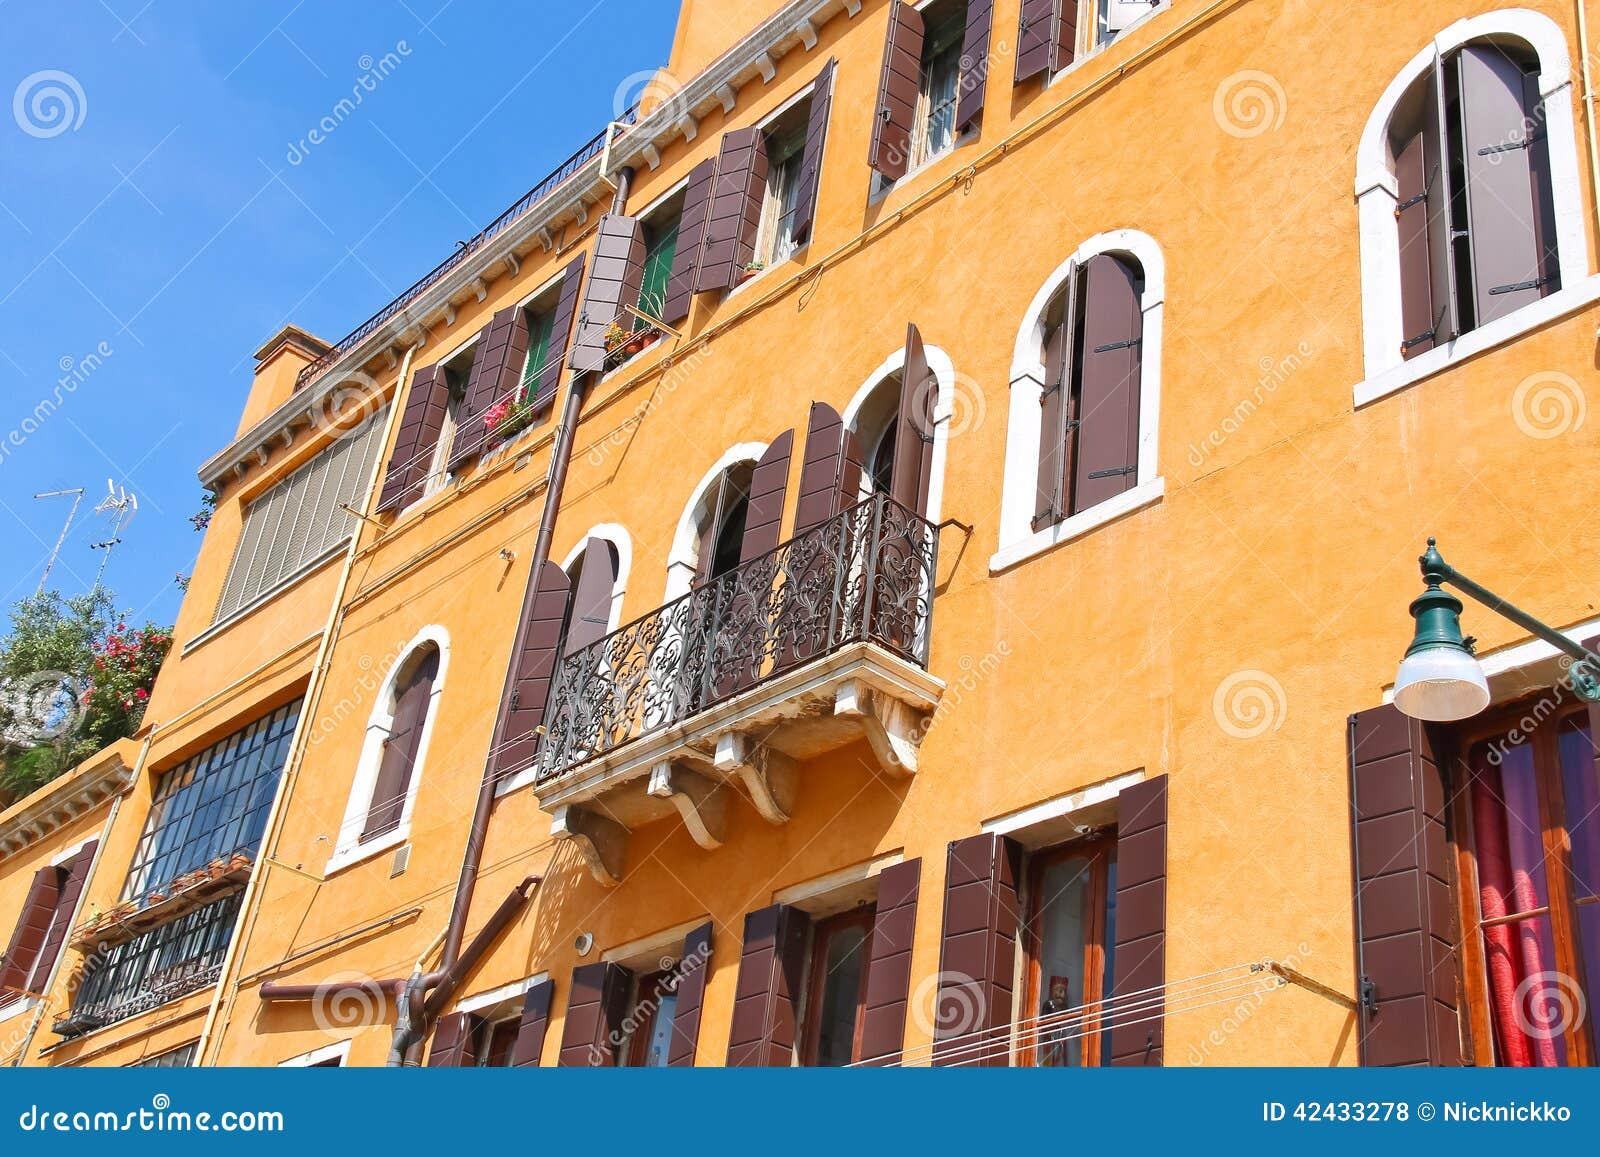 Casa italiana pintoresca